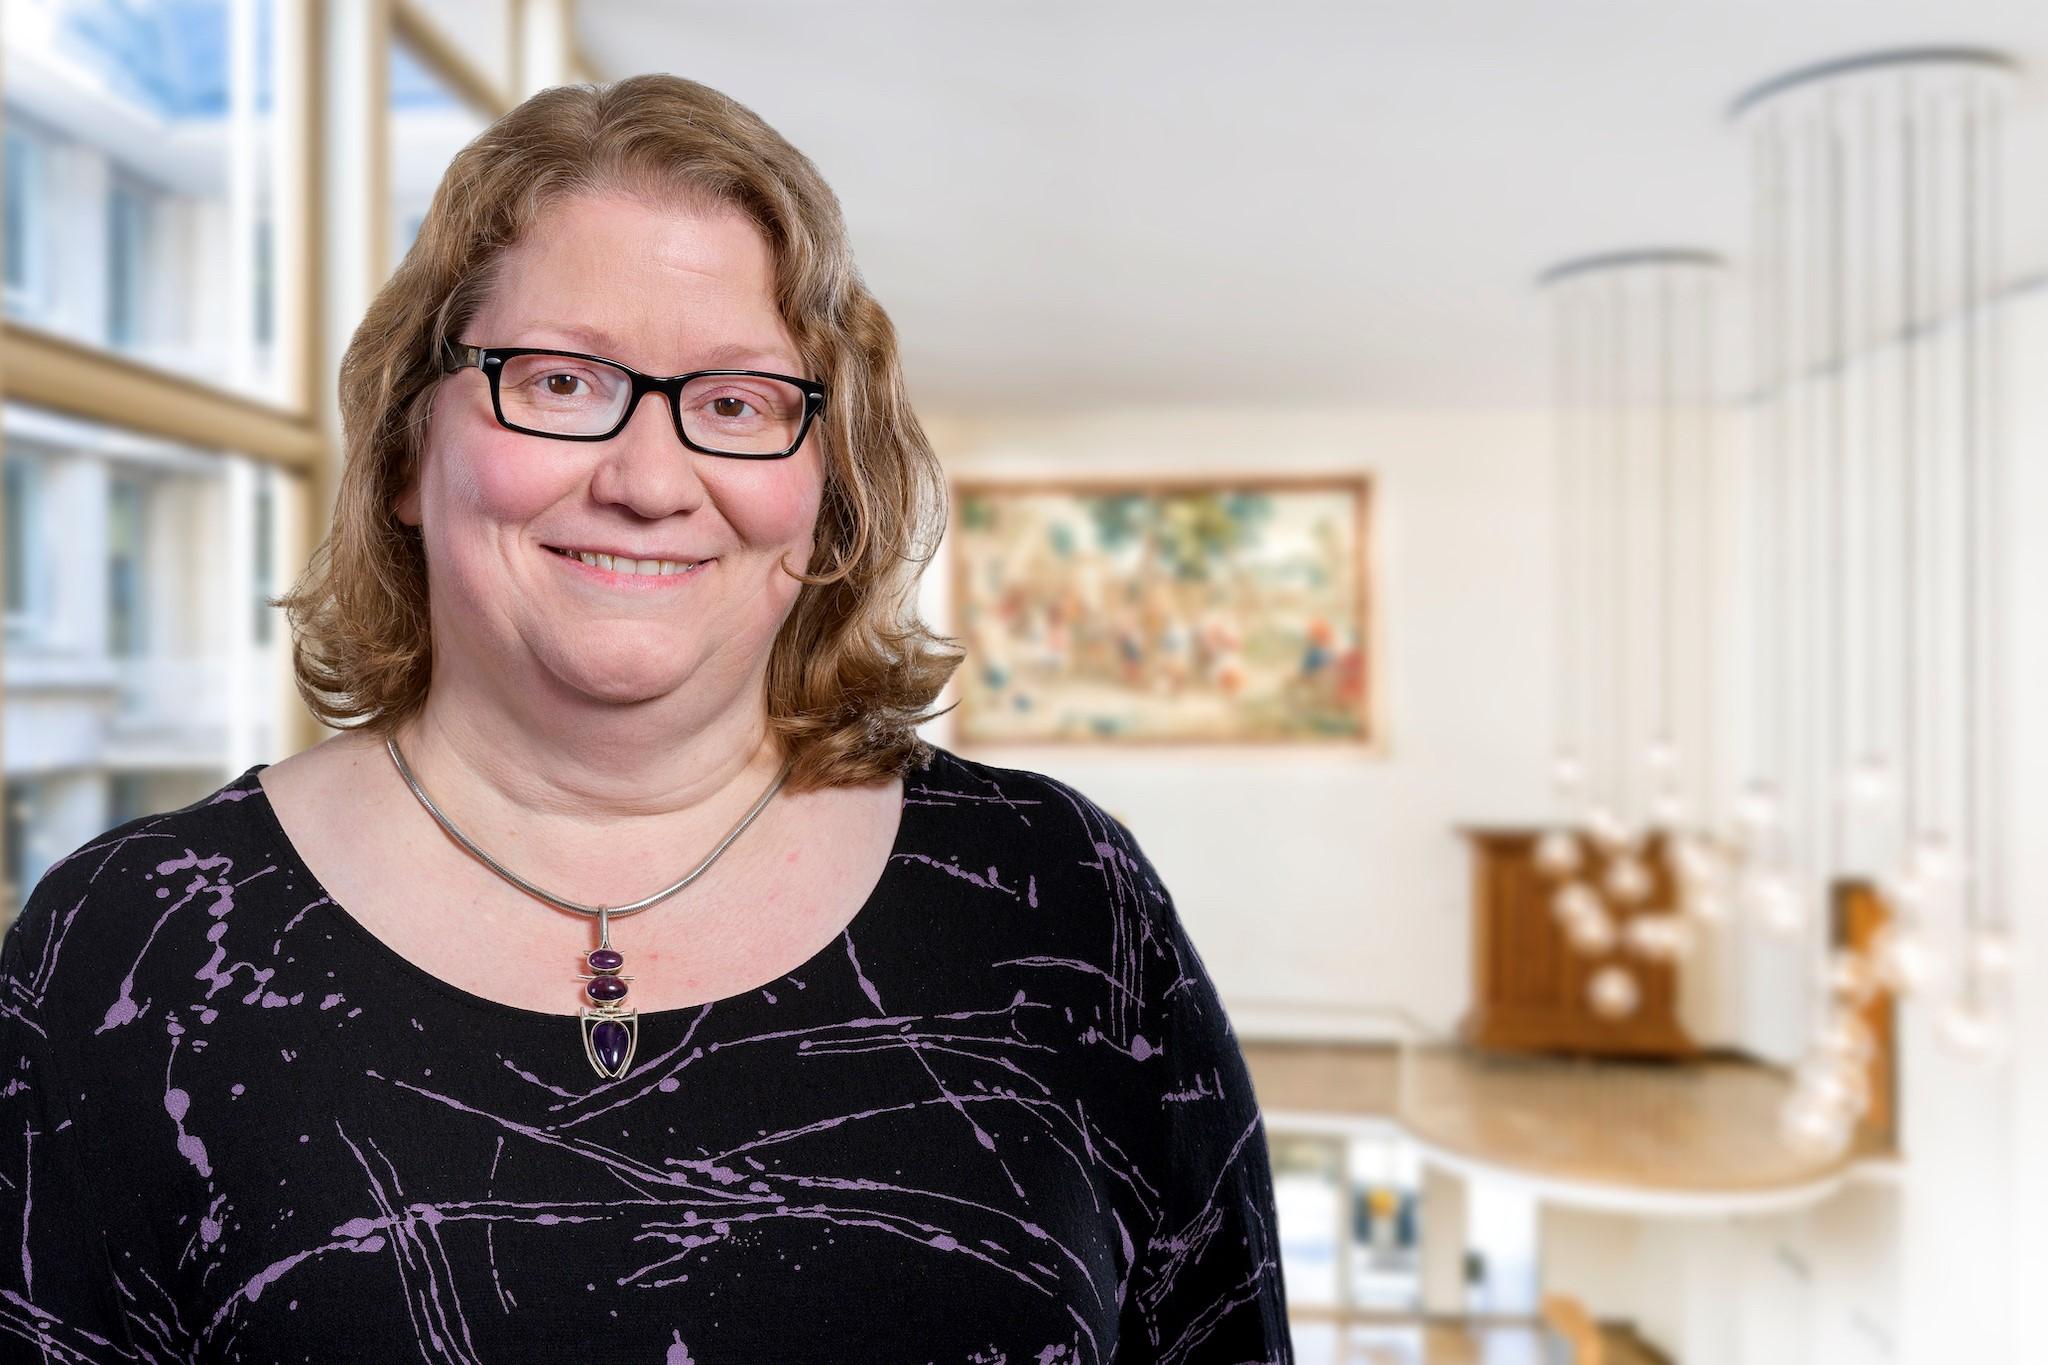 Ursula Busch